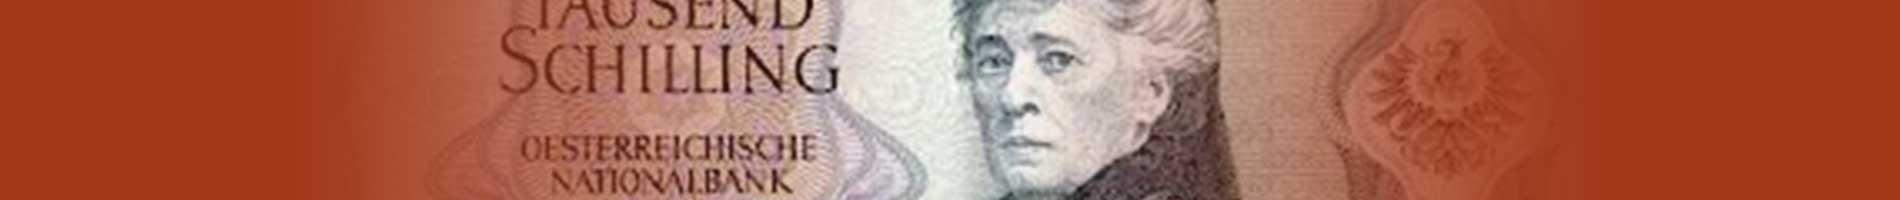 Bertha von Suttner on paper money